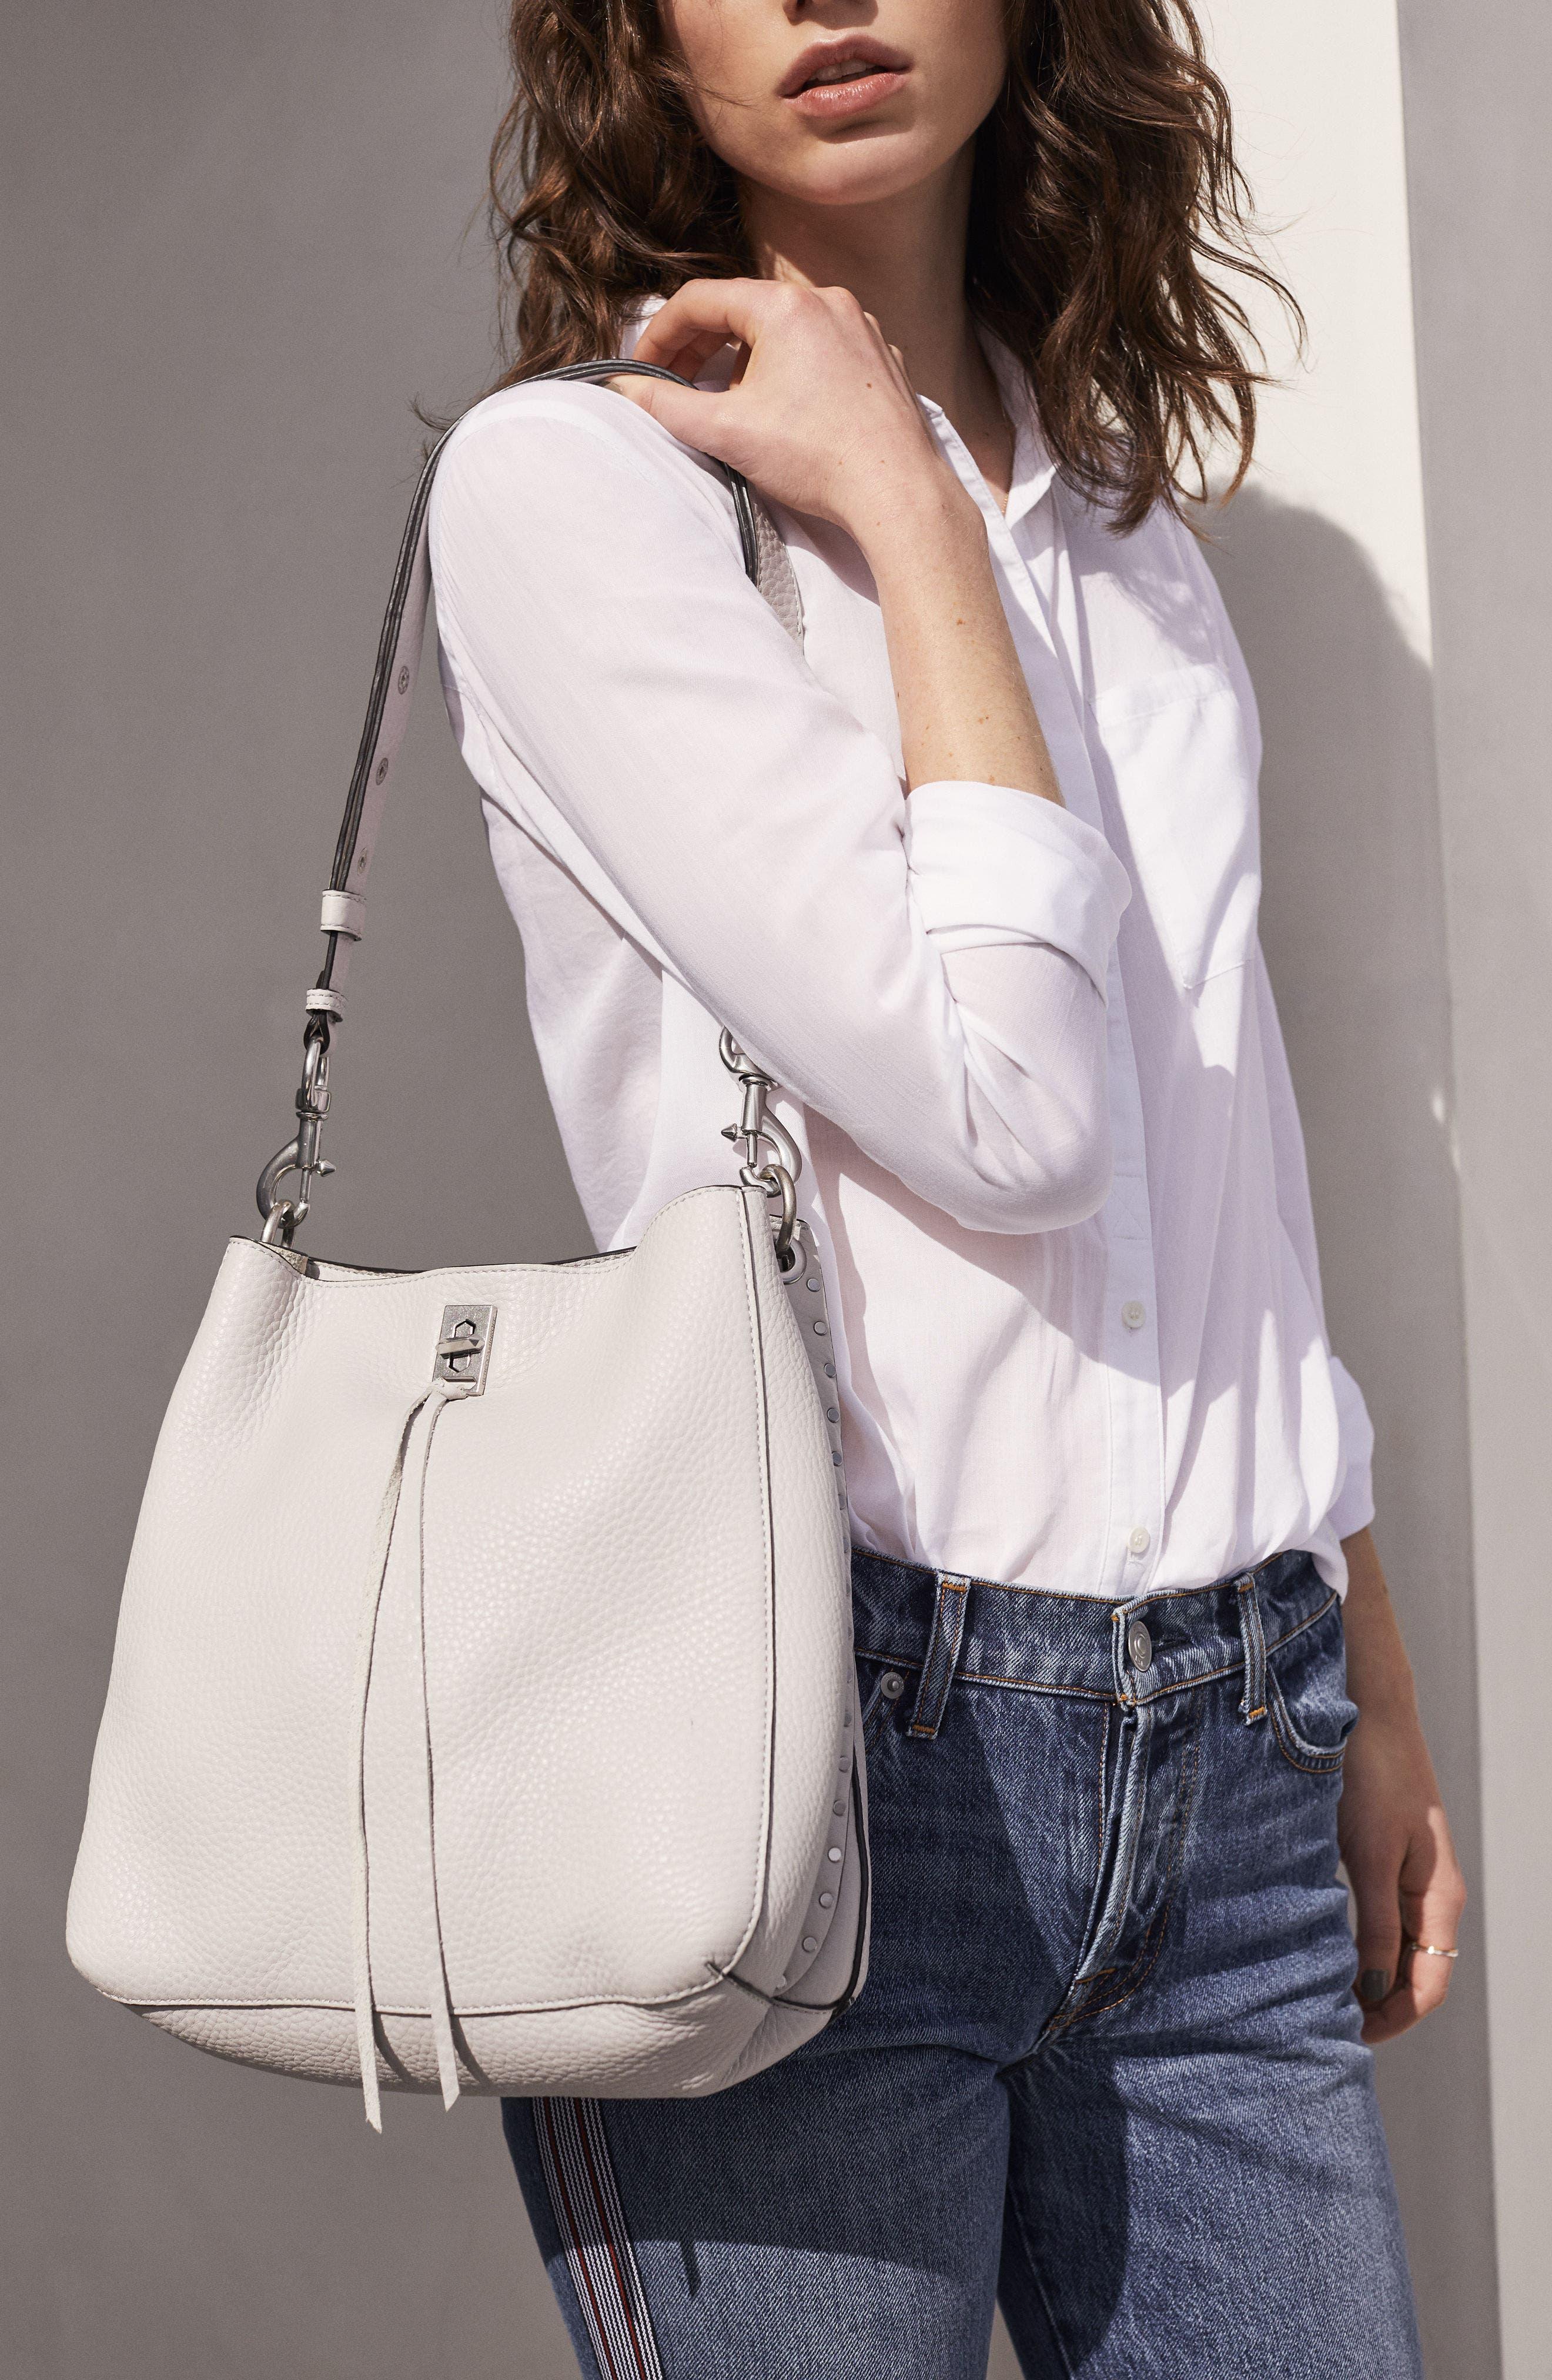 Darren Deerskin Leather Shoulder Bag,                             Alternate thumbnail 7, color,